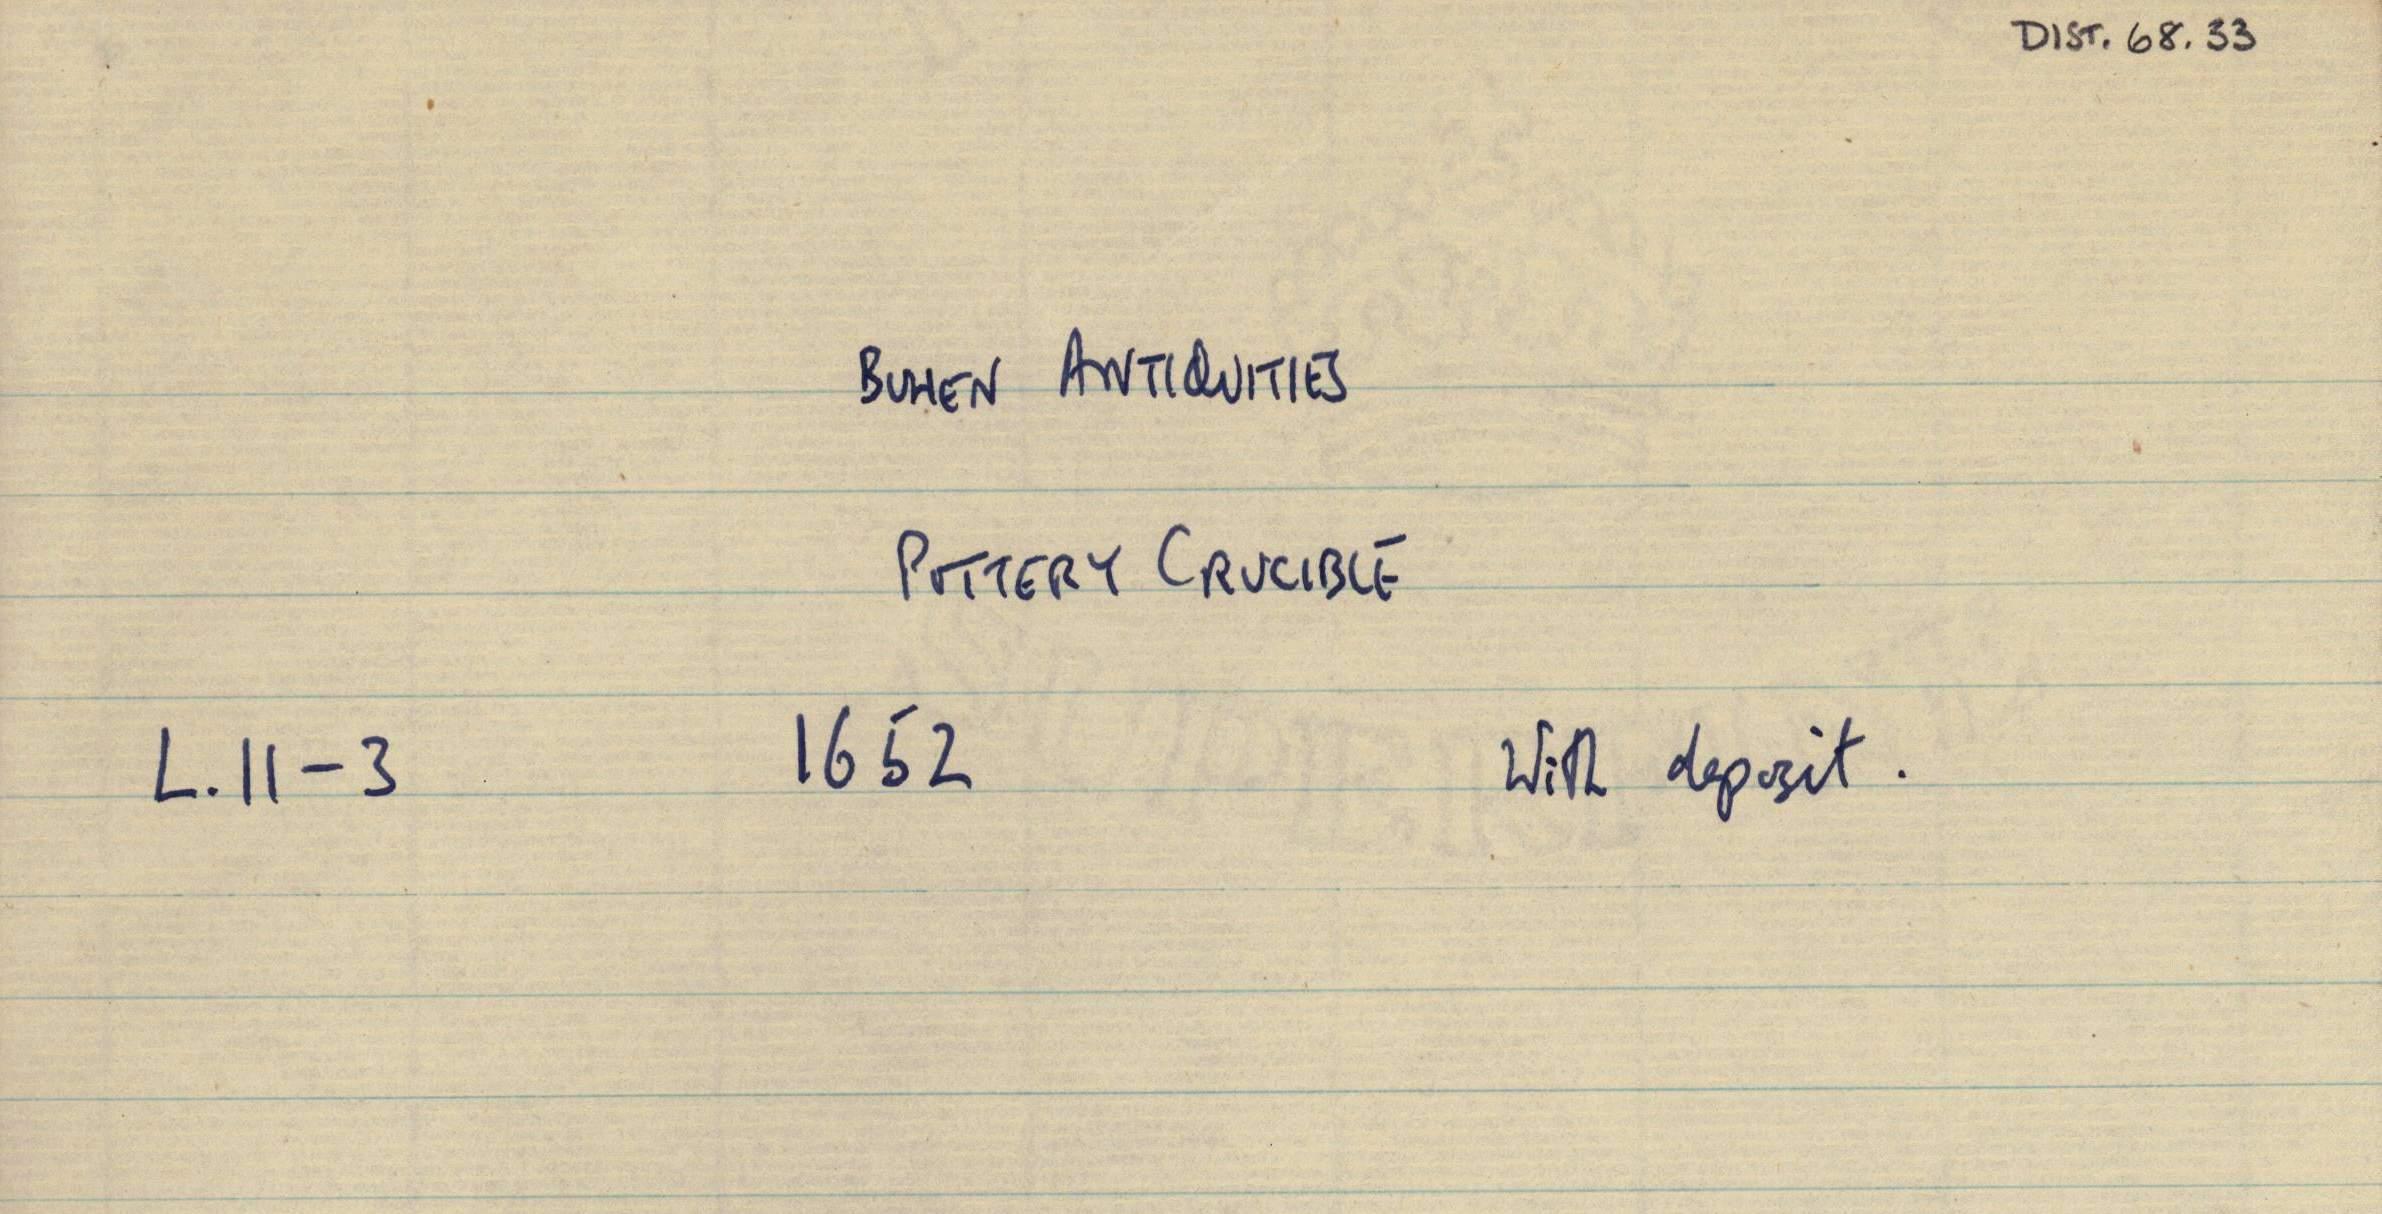 1959-74  Buhen DIST.68.33